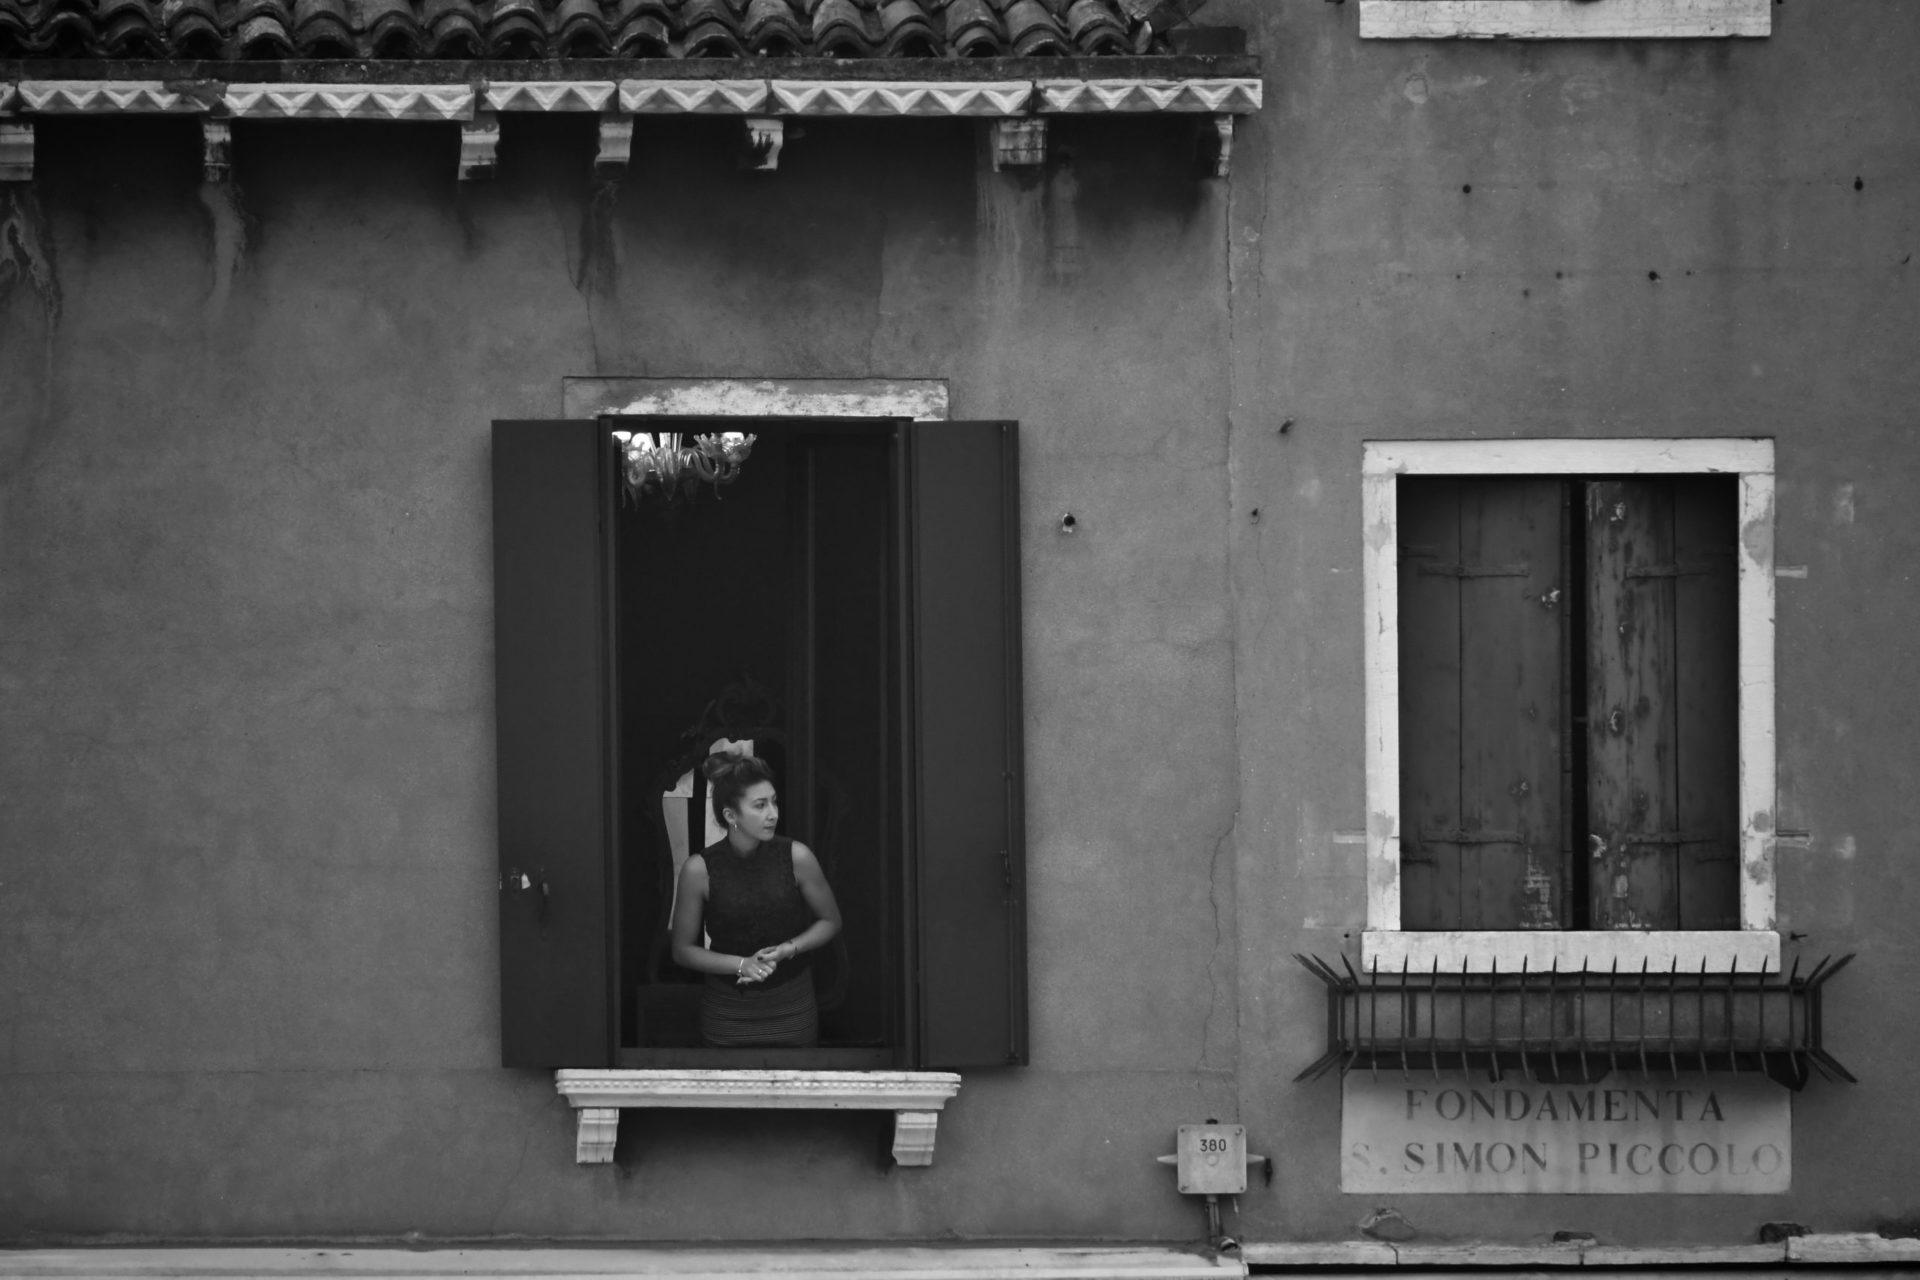 Affacciati alla finestra scaled - Milano Photofestival